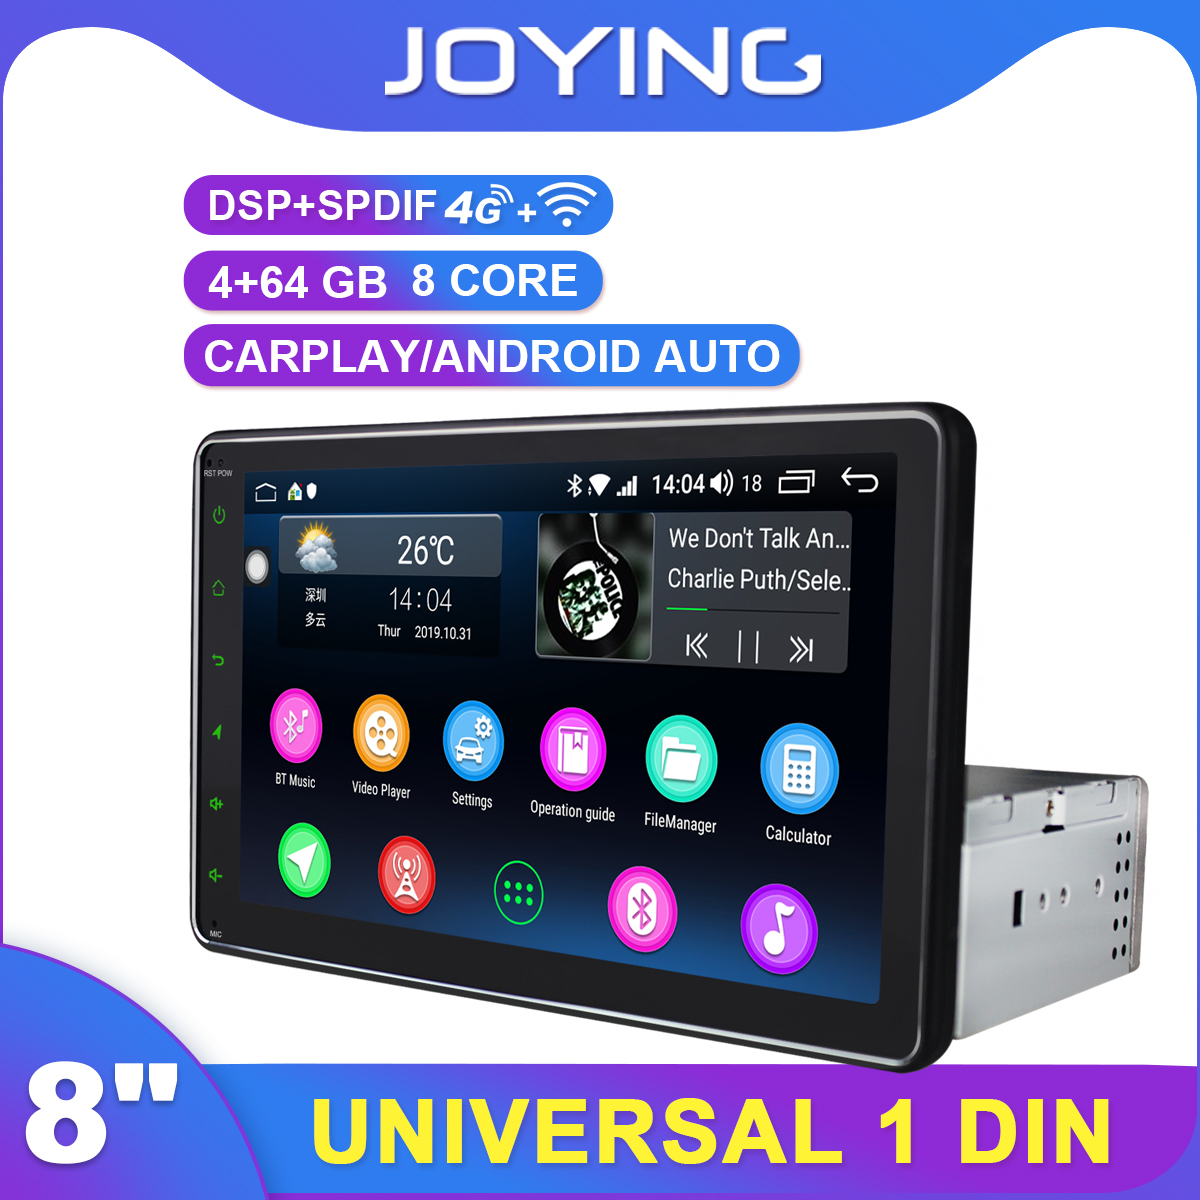 8 1Din универсальный Android карты стерео радио GPS DSP Carplay SPDIF сабвуфер WiFi 4G SIM Руль управления DVR DAB OBD TPMS